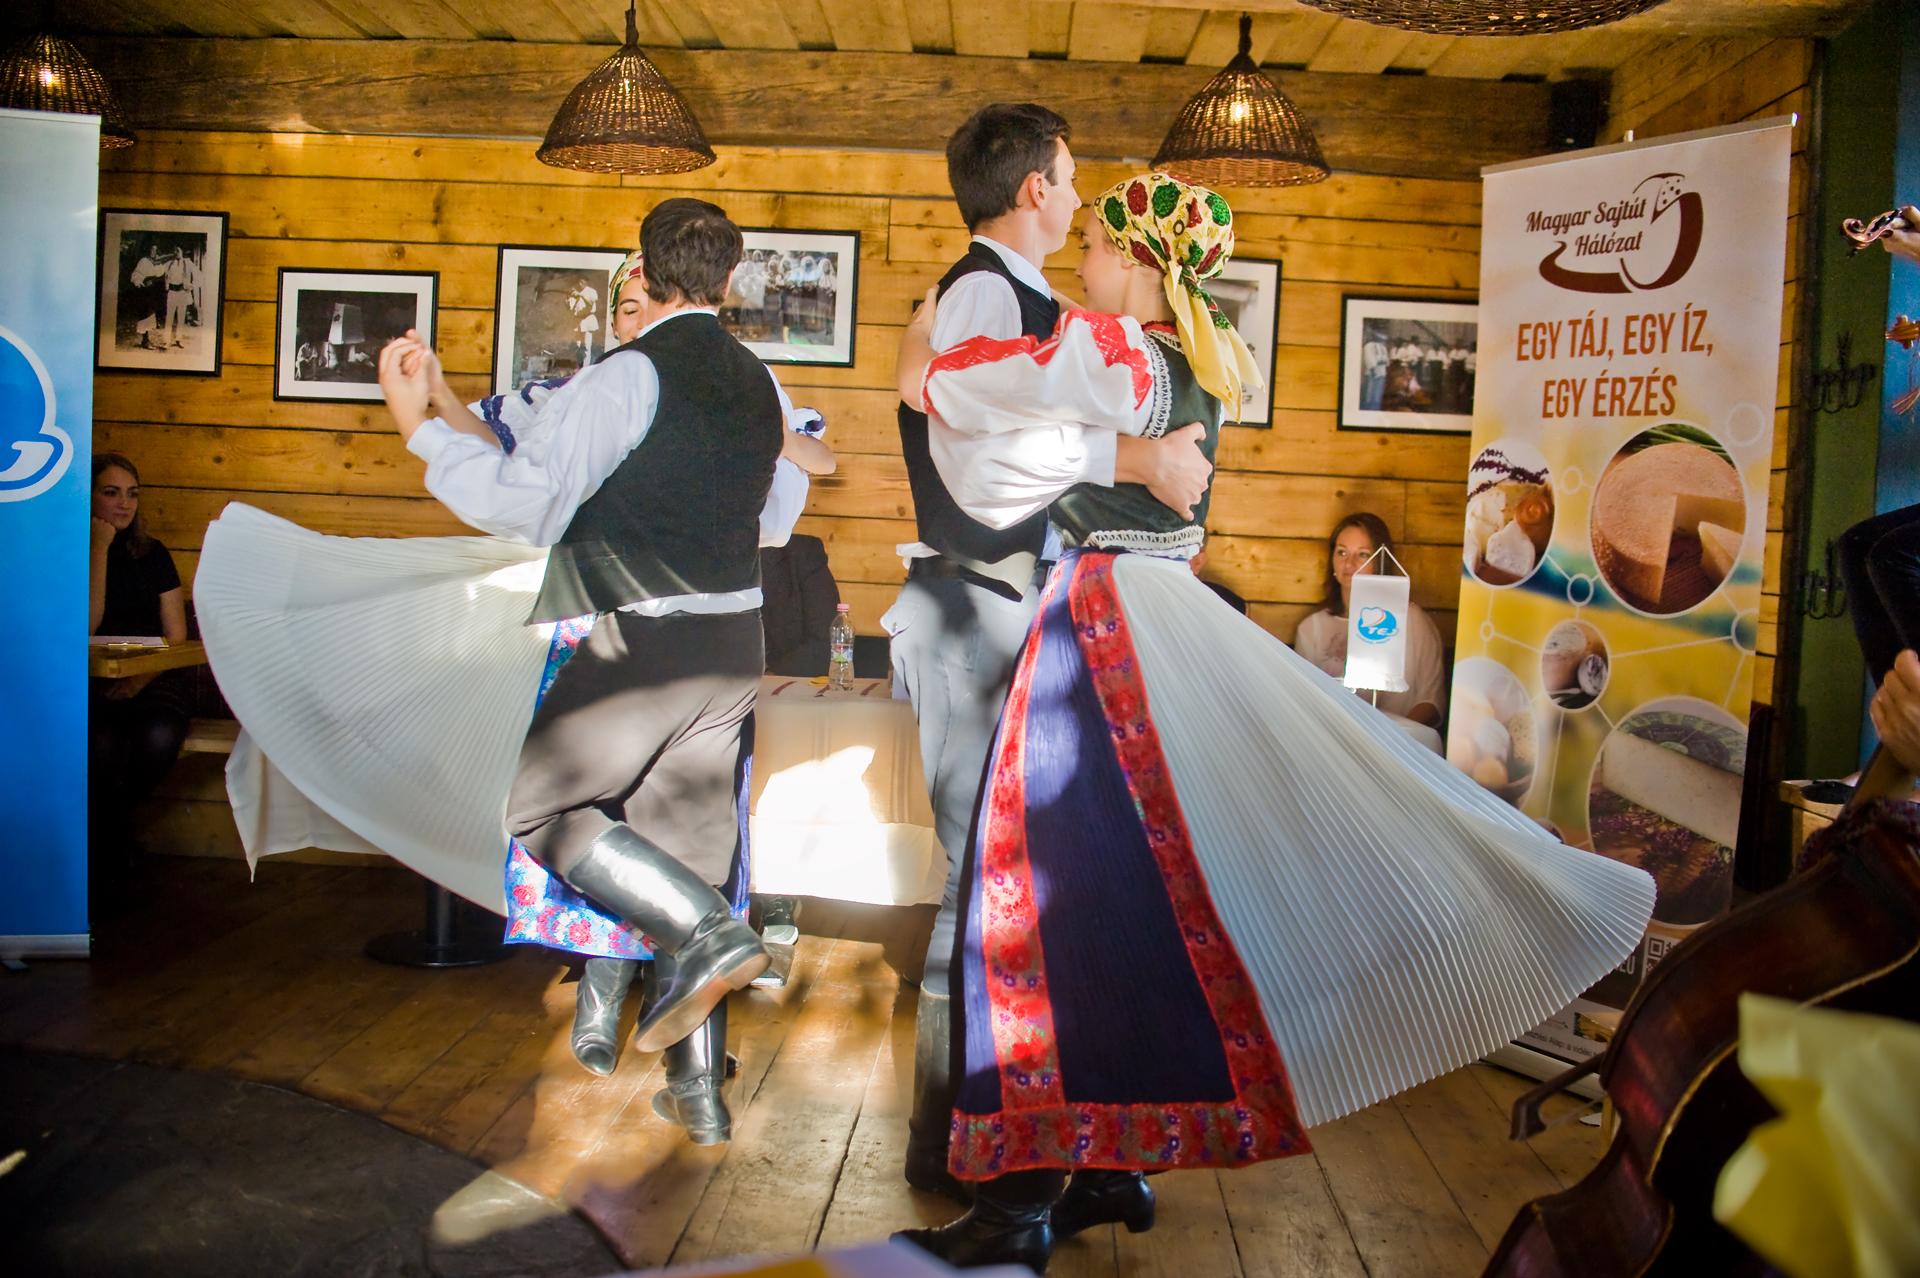 A fellépők a Cédrus Táncegyüttes táncosai voltak, akik Kalotaszegi legényest, csárdást és szaporát táncoltak viseletben.